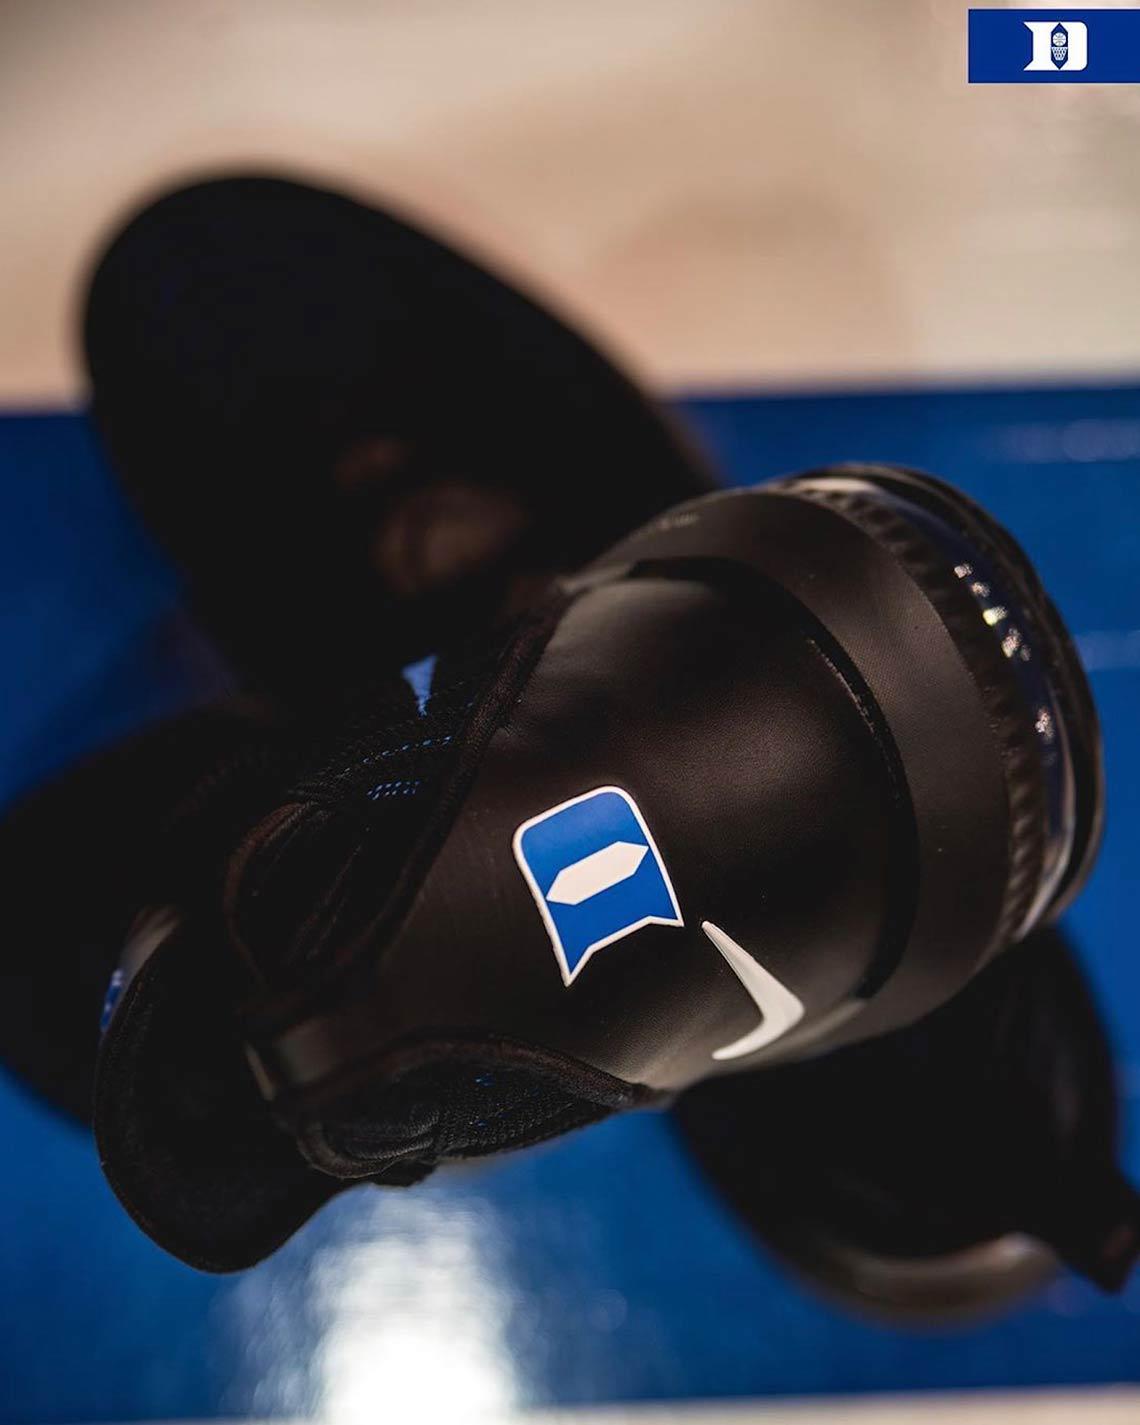 Nike LeBron 16 Duke Blue Devils PEs